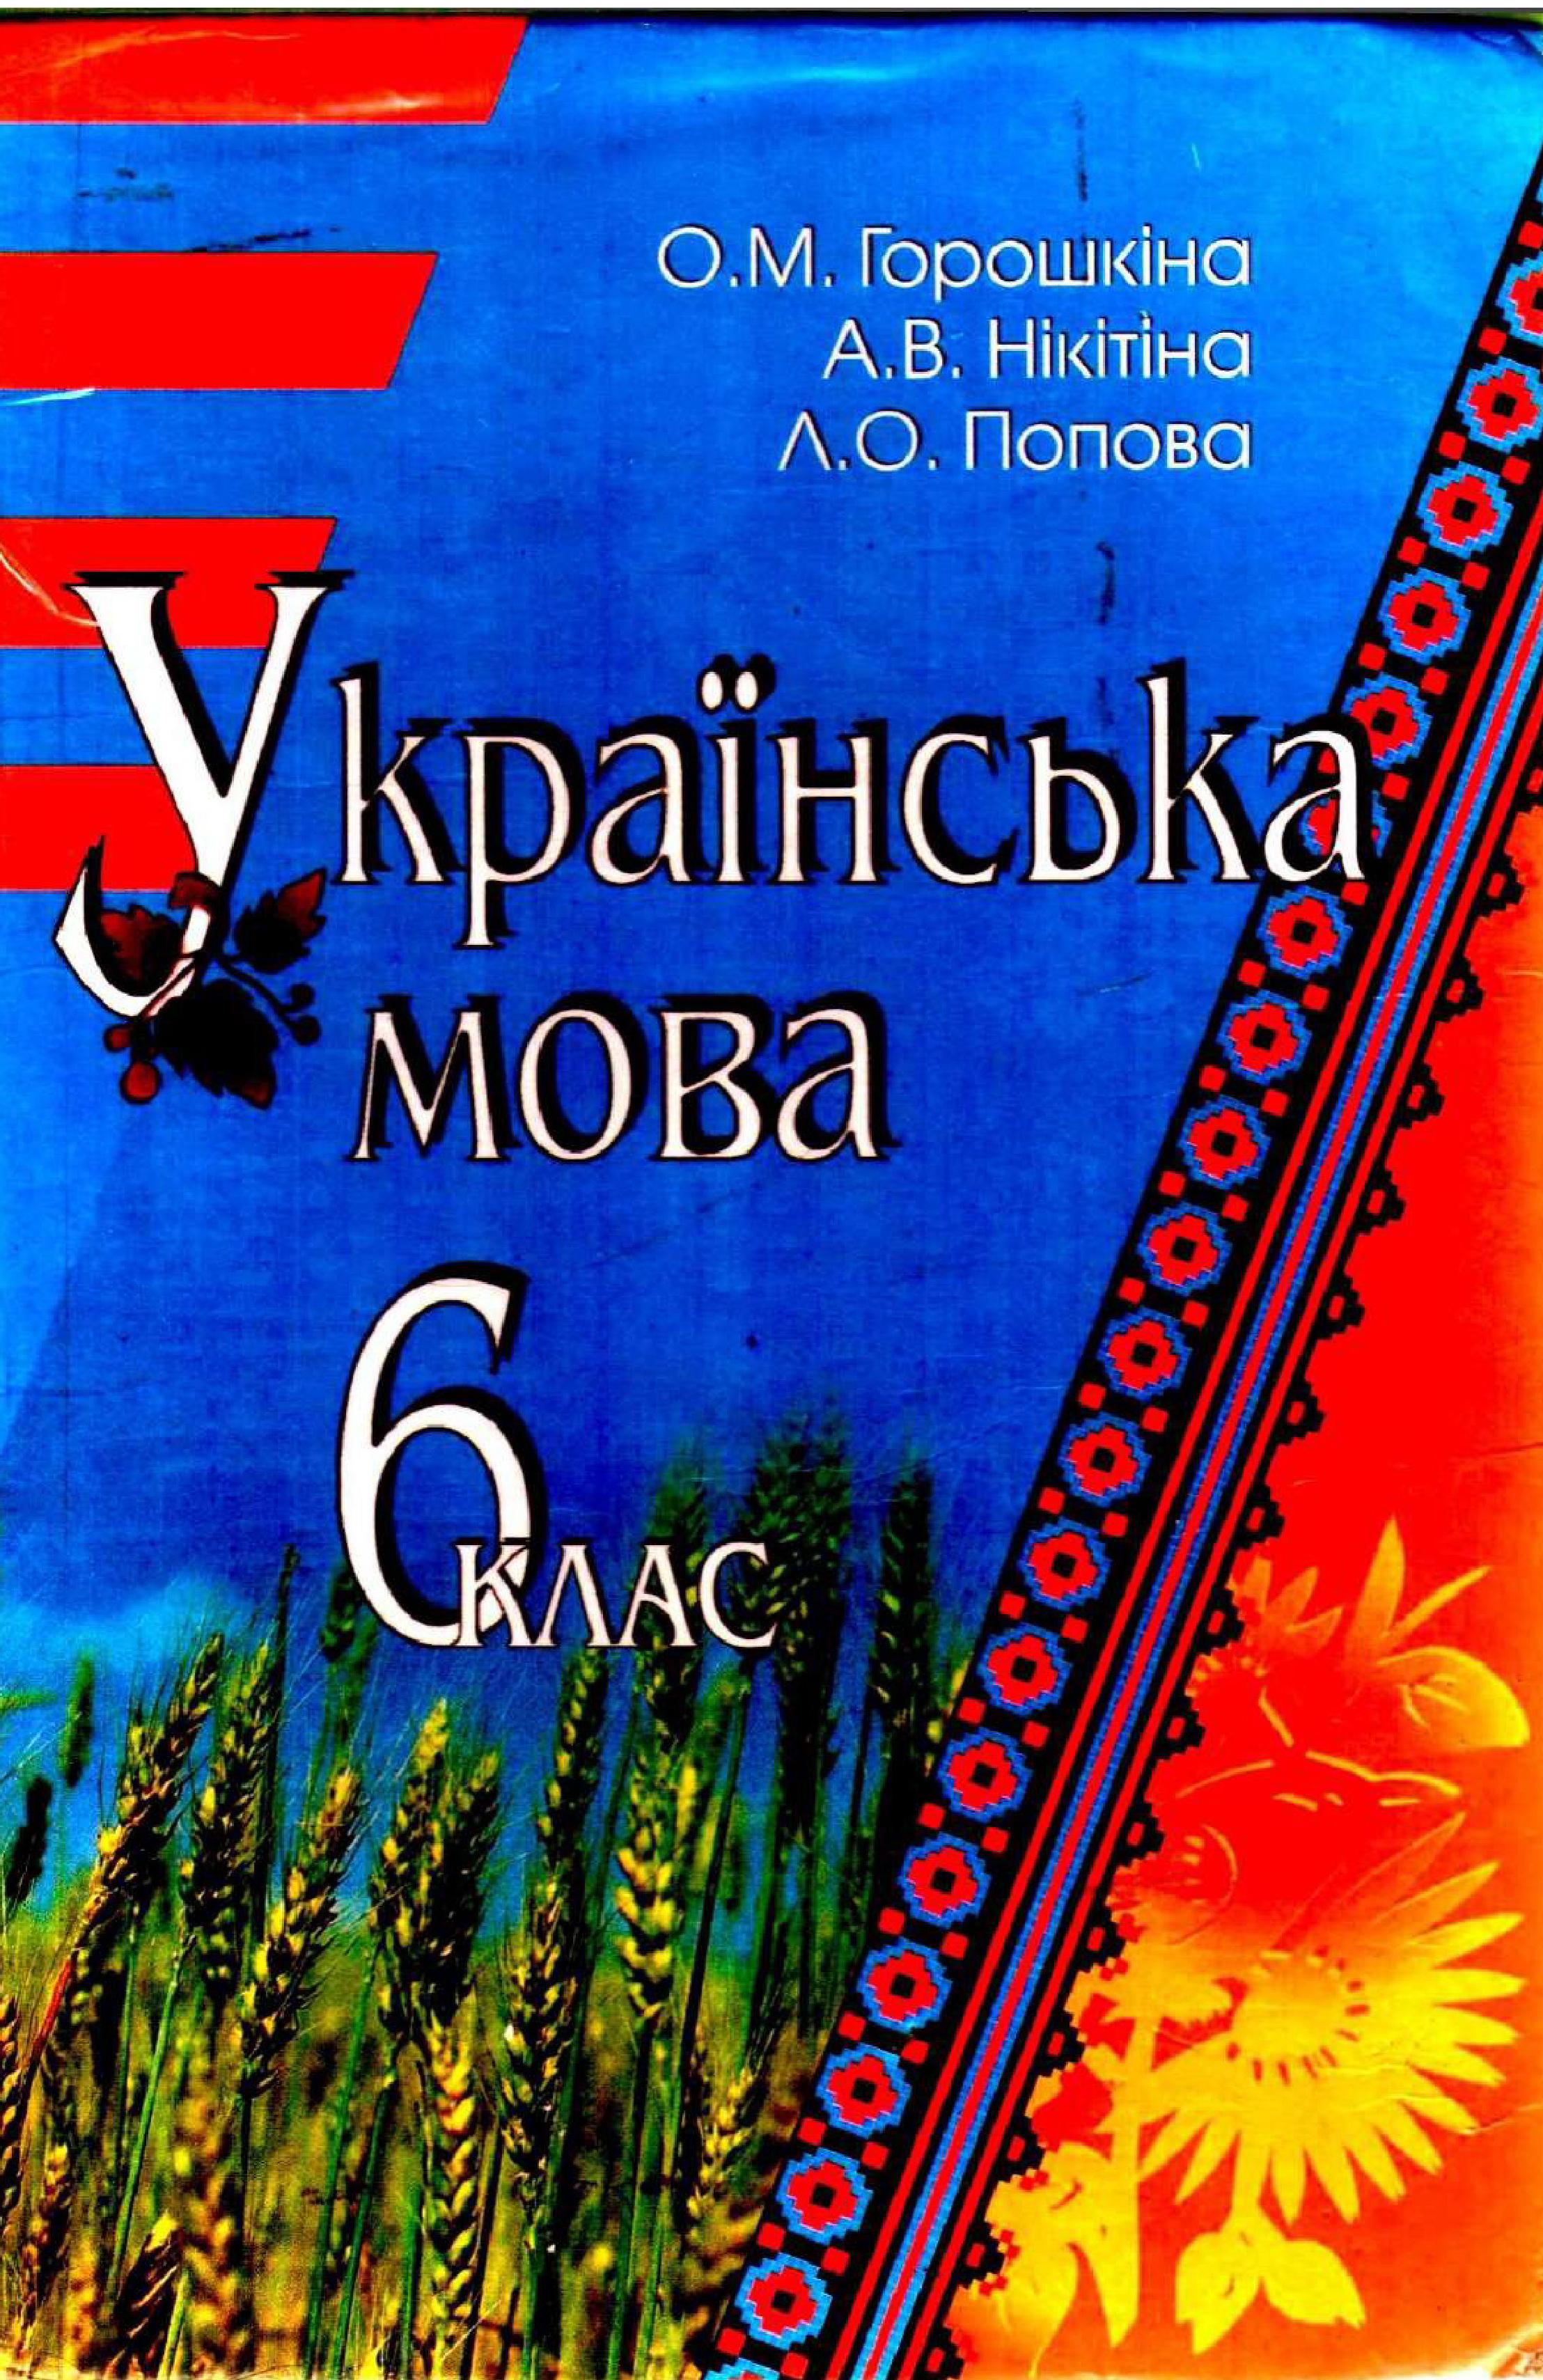 по класс решебник горошкина никитина украинскому языку за попова 6